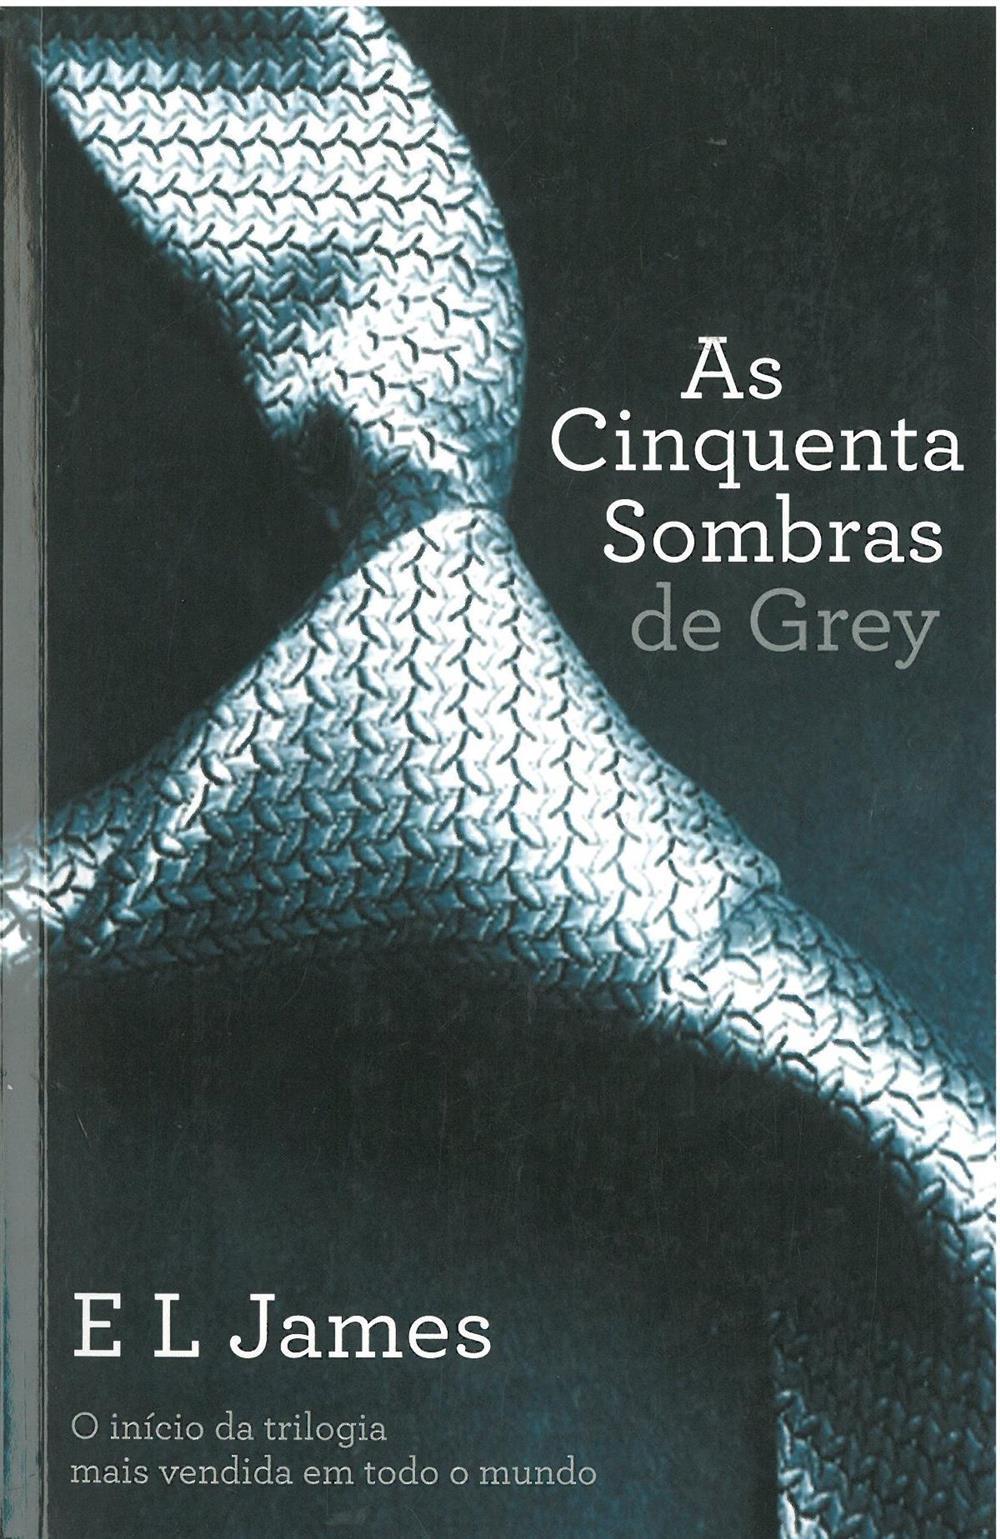 As cinquenta sombras de Grey_.jpg